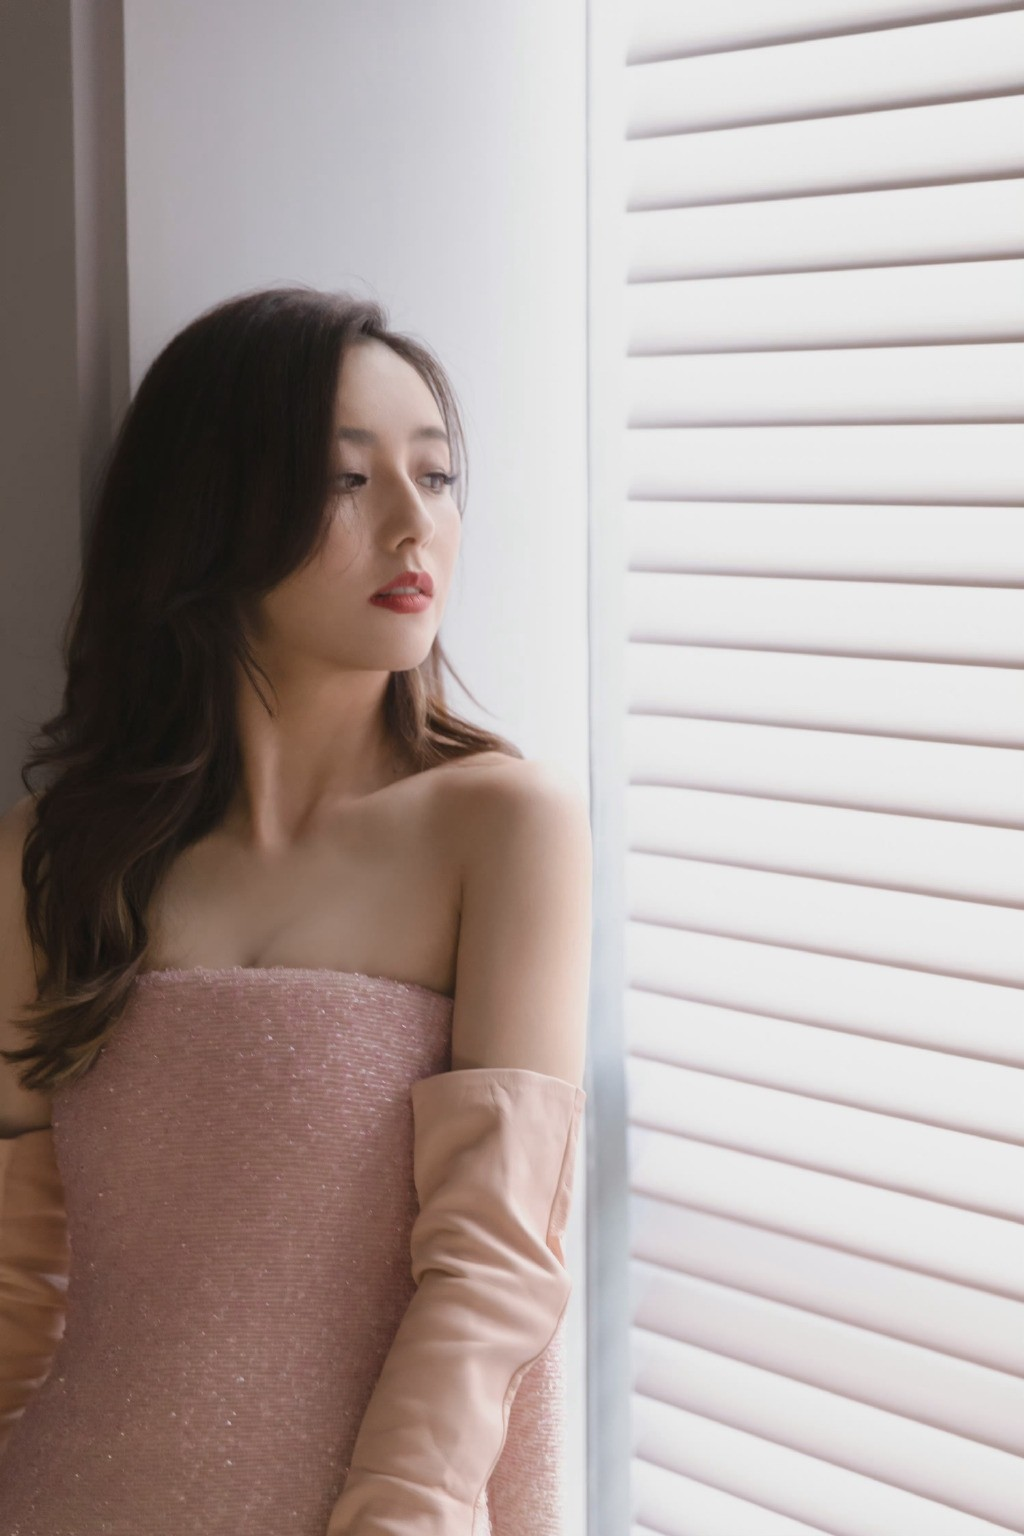 佟丽娅Fendi高定礼服优雅迷人气质写真图片